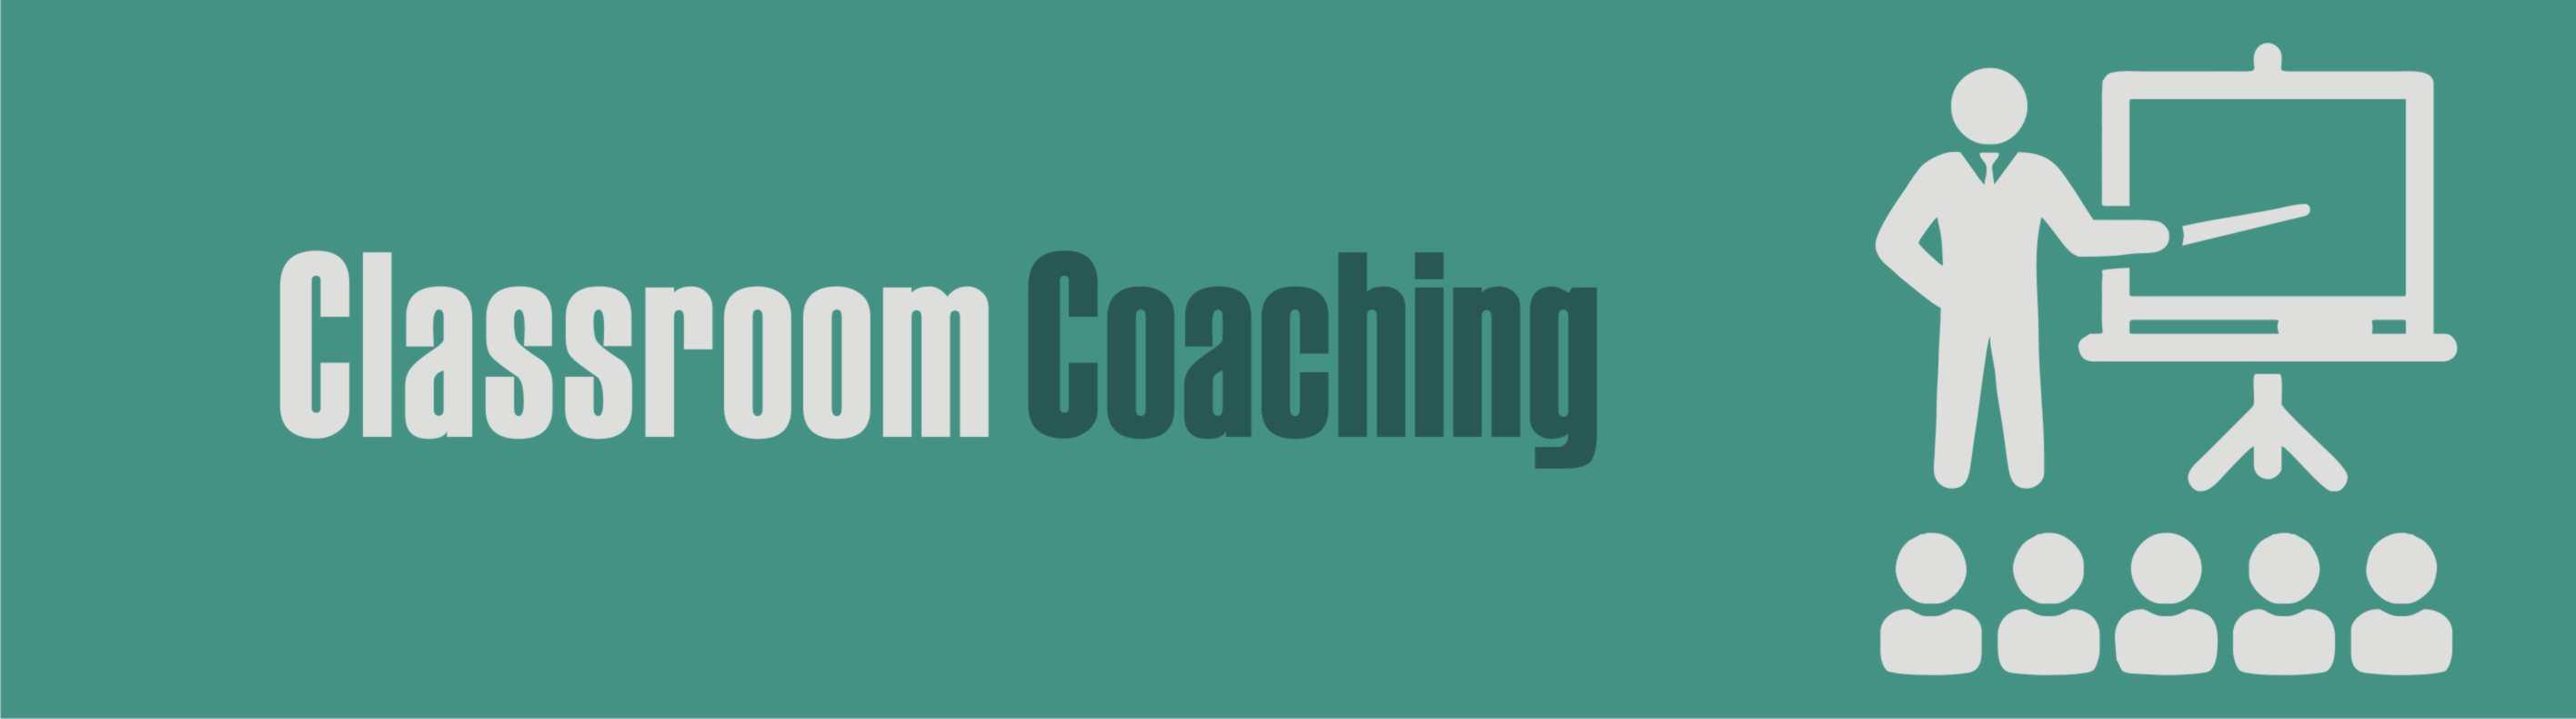 classroom coaching